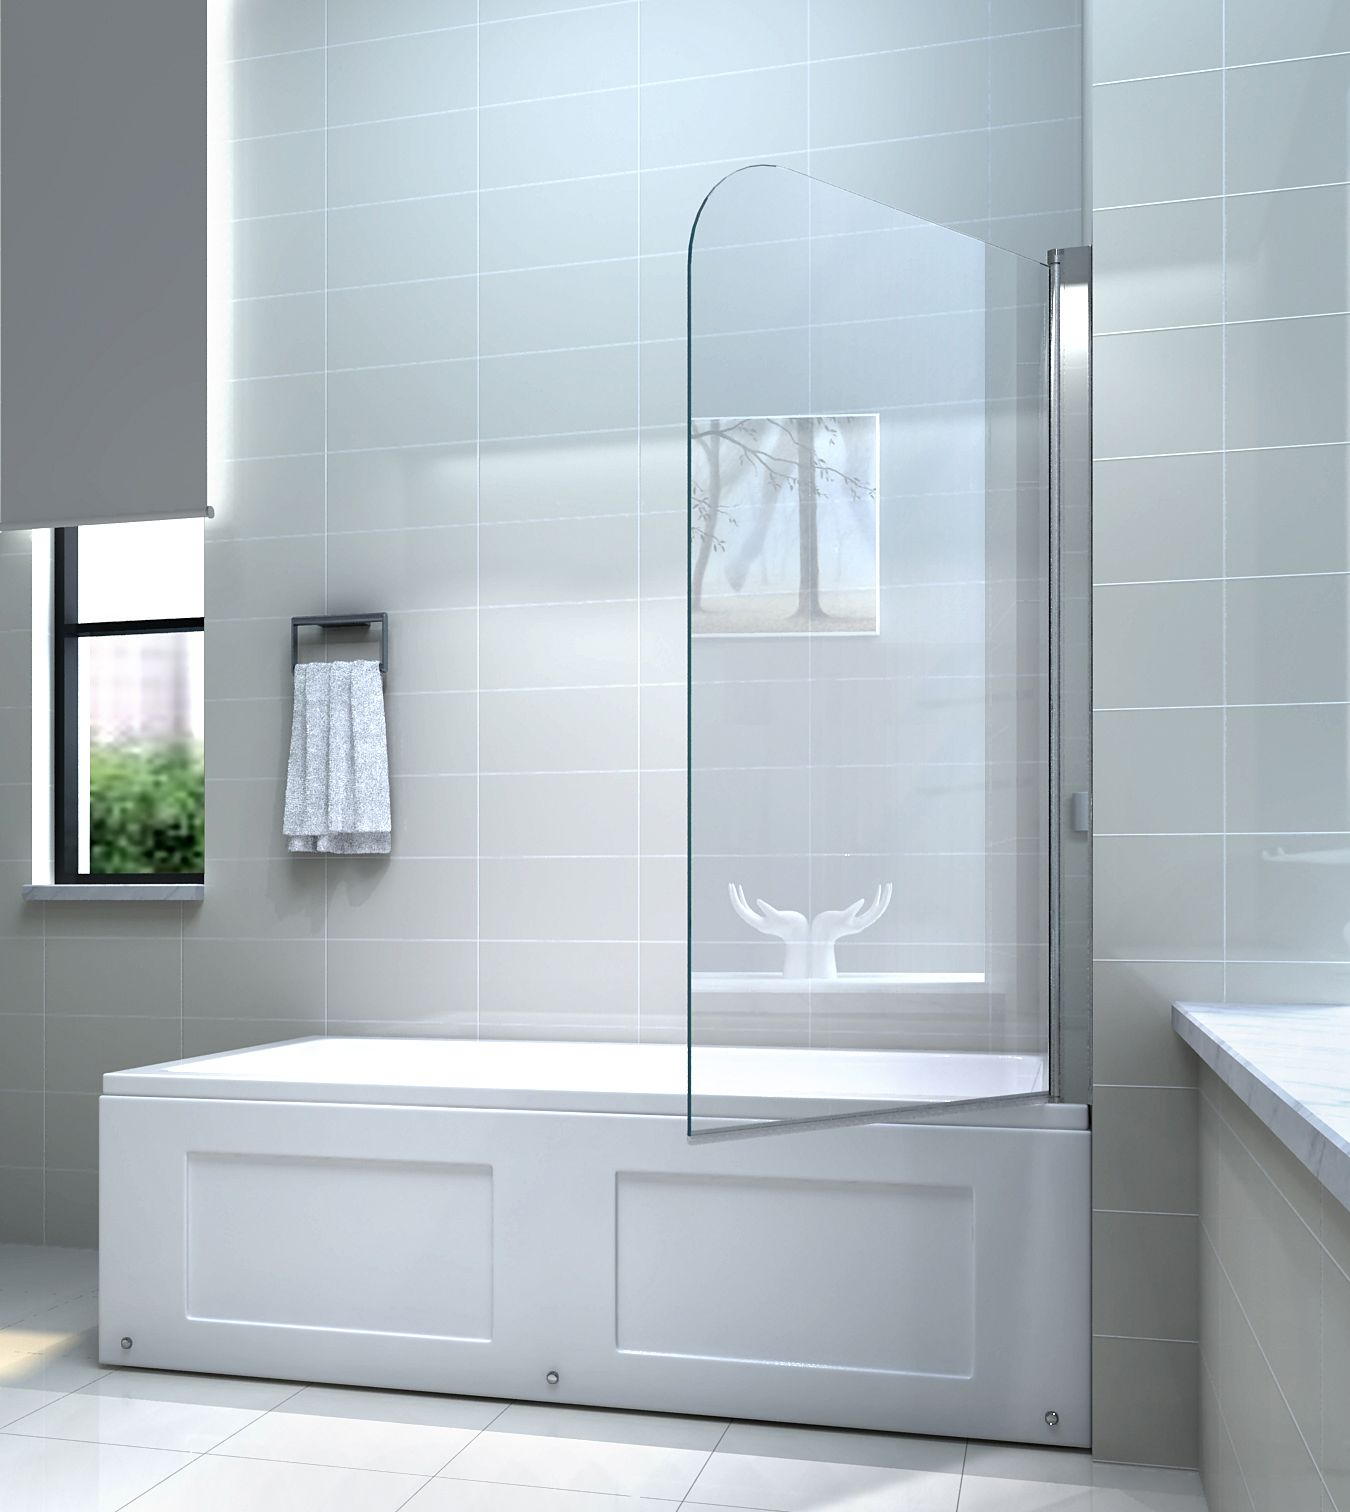 sepa 80 x 140 cm badewannen faltwand duschwand badewannenaufsatz duschabtrennung ebay. Black Bedroom Furniture Sets. Home Design Ideas